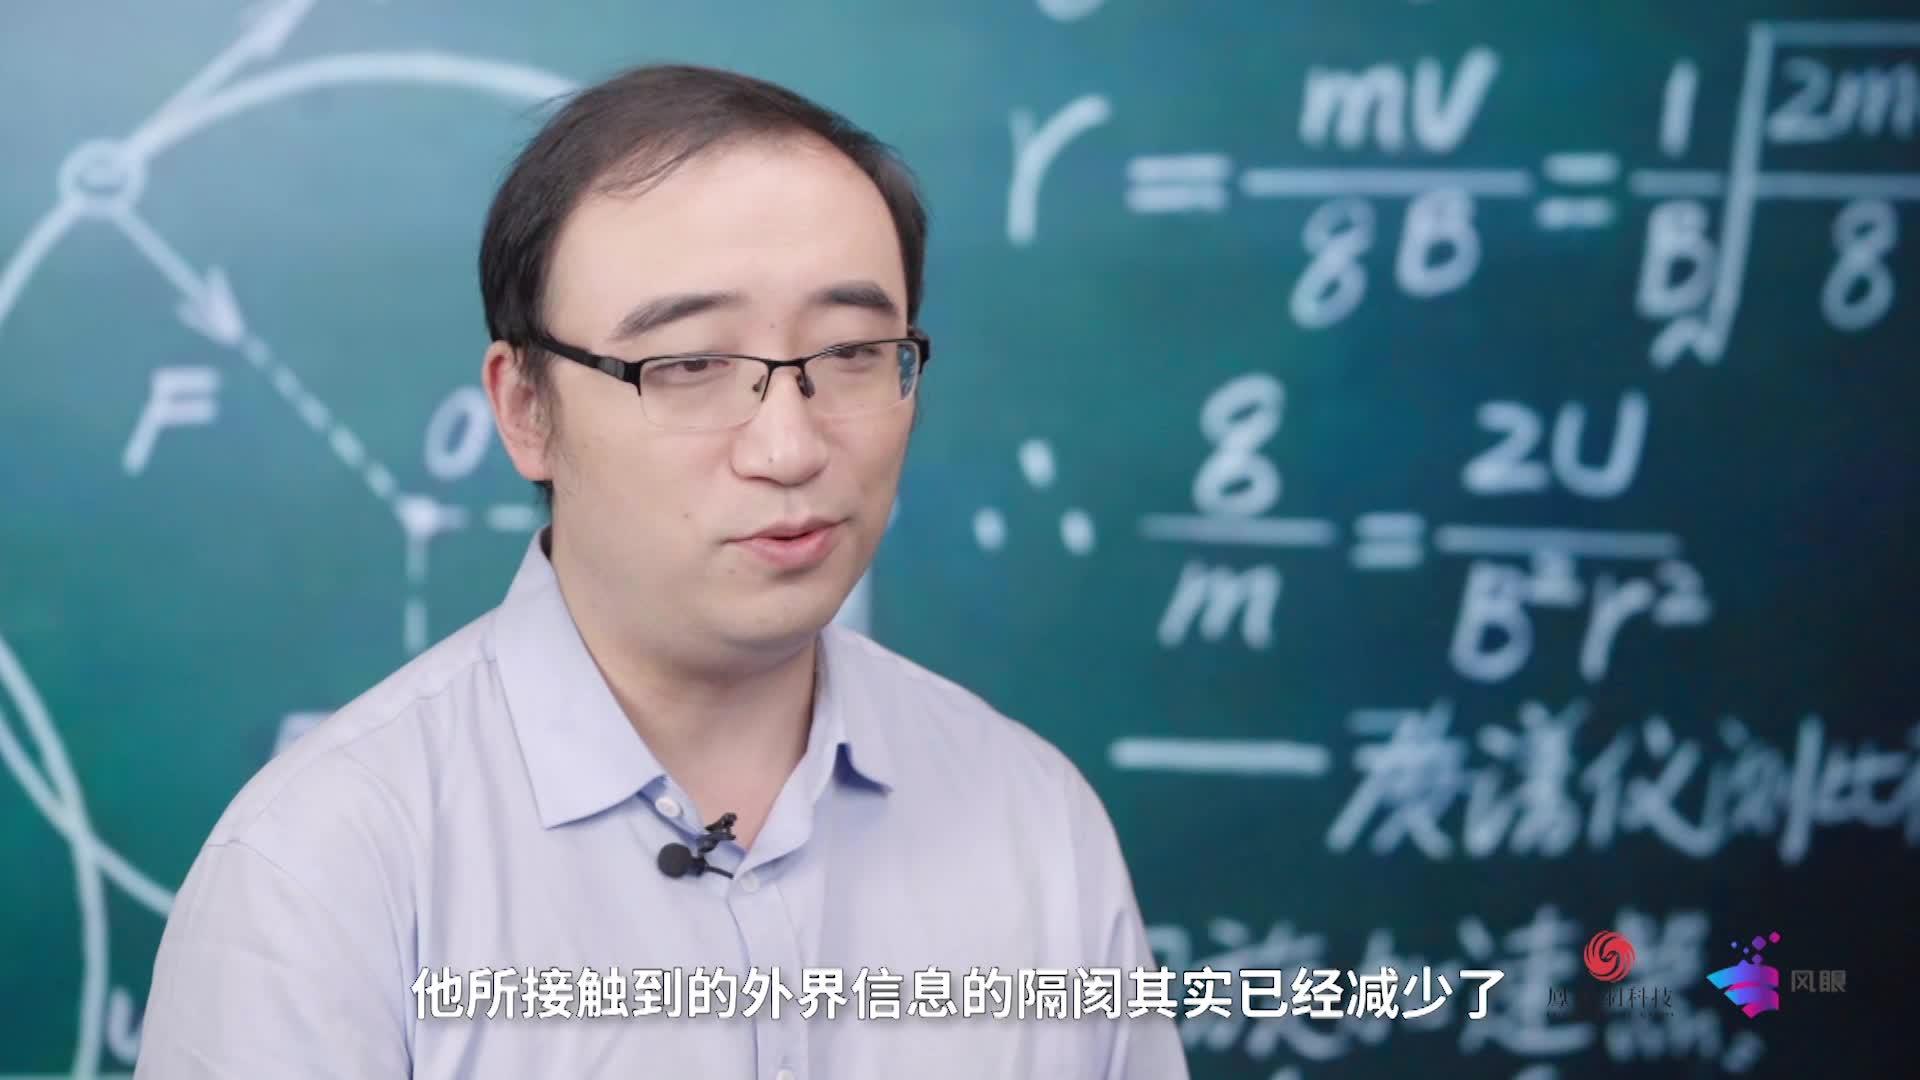 网红教师李永乐:我们做的事功在当今,利在千秋